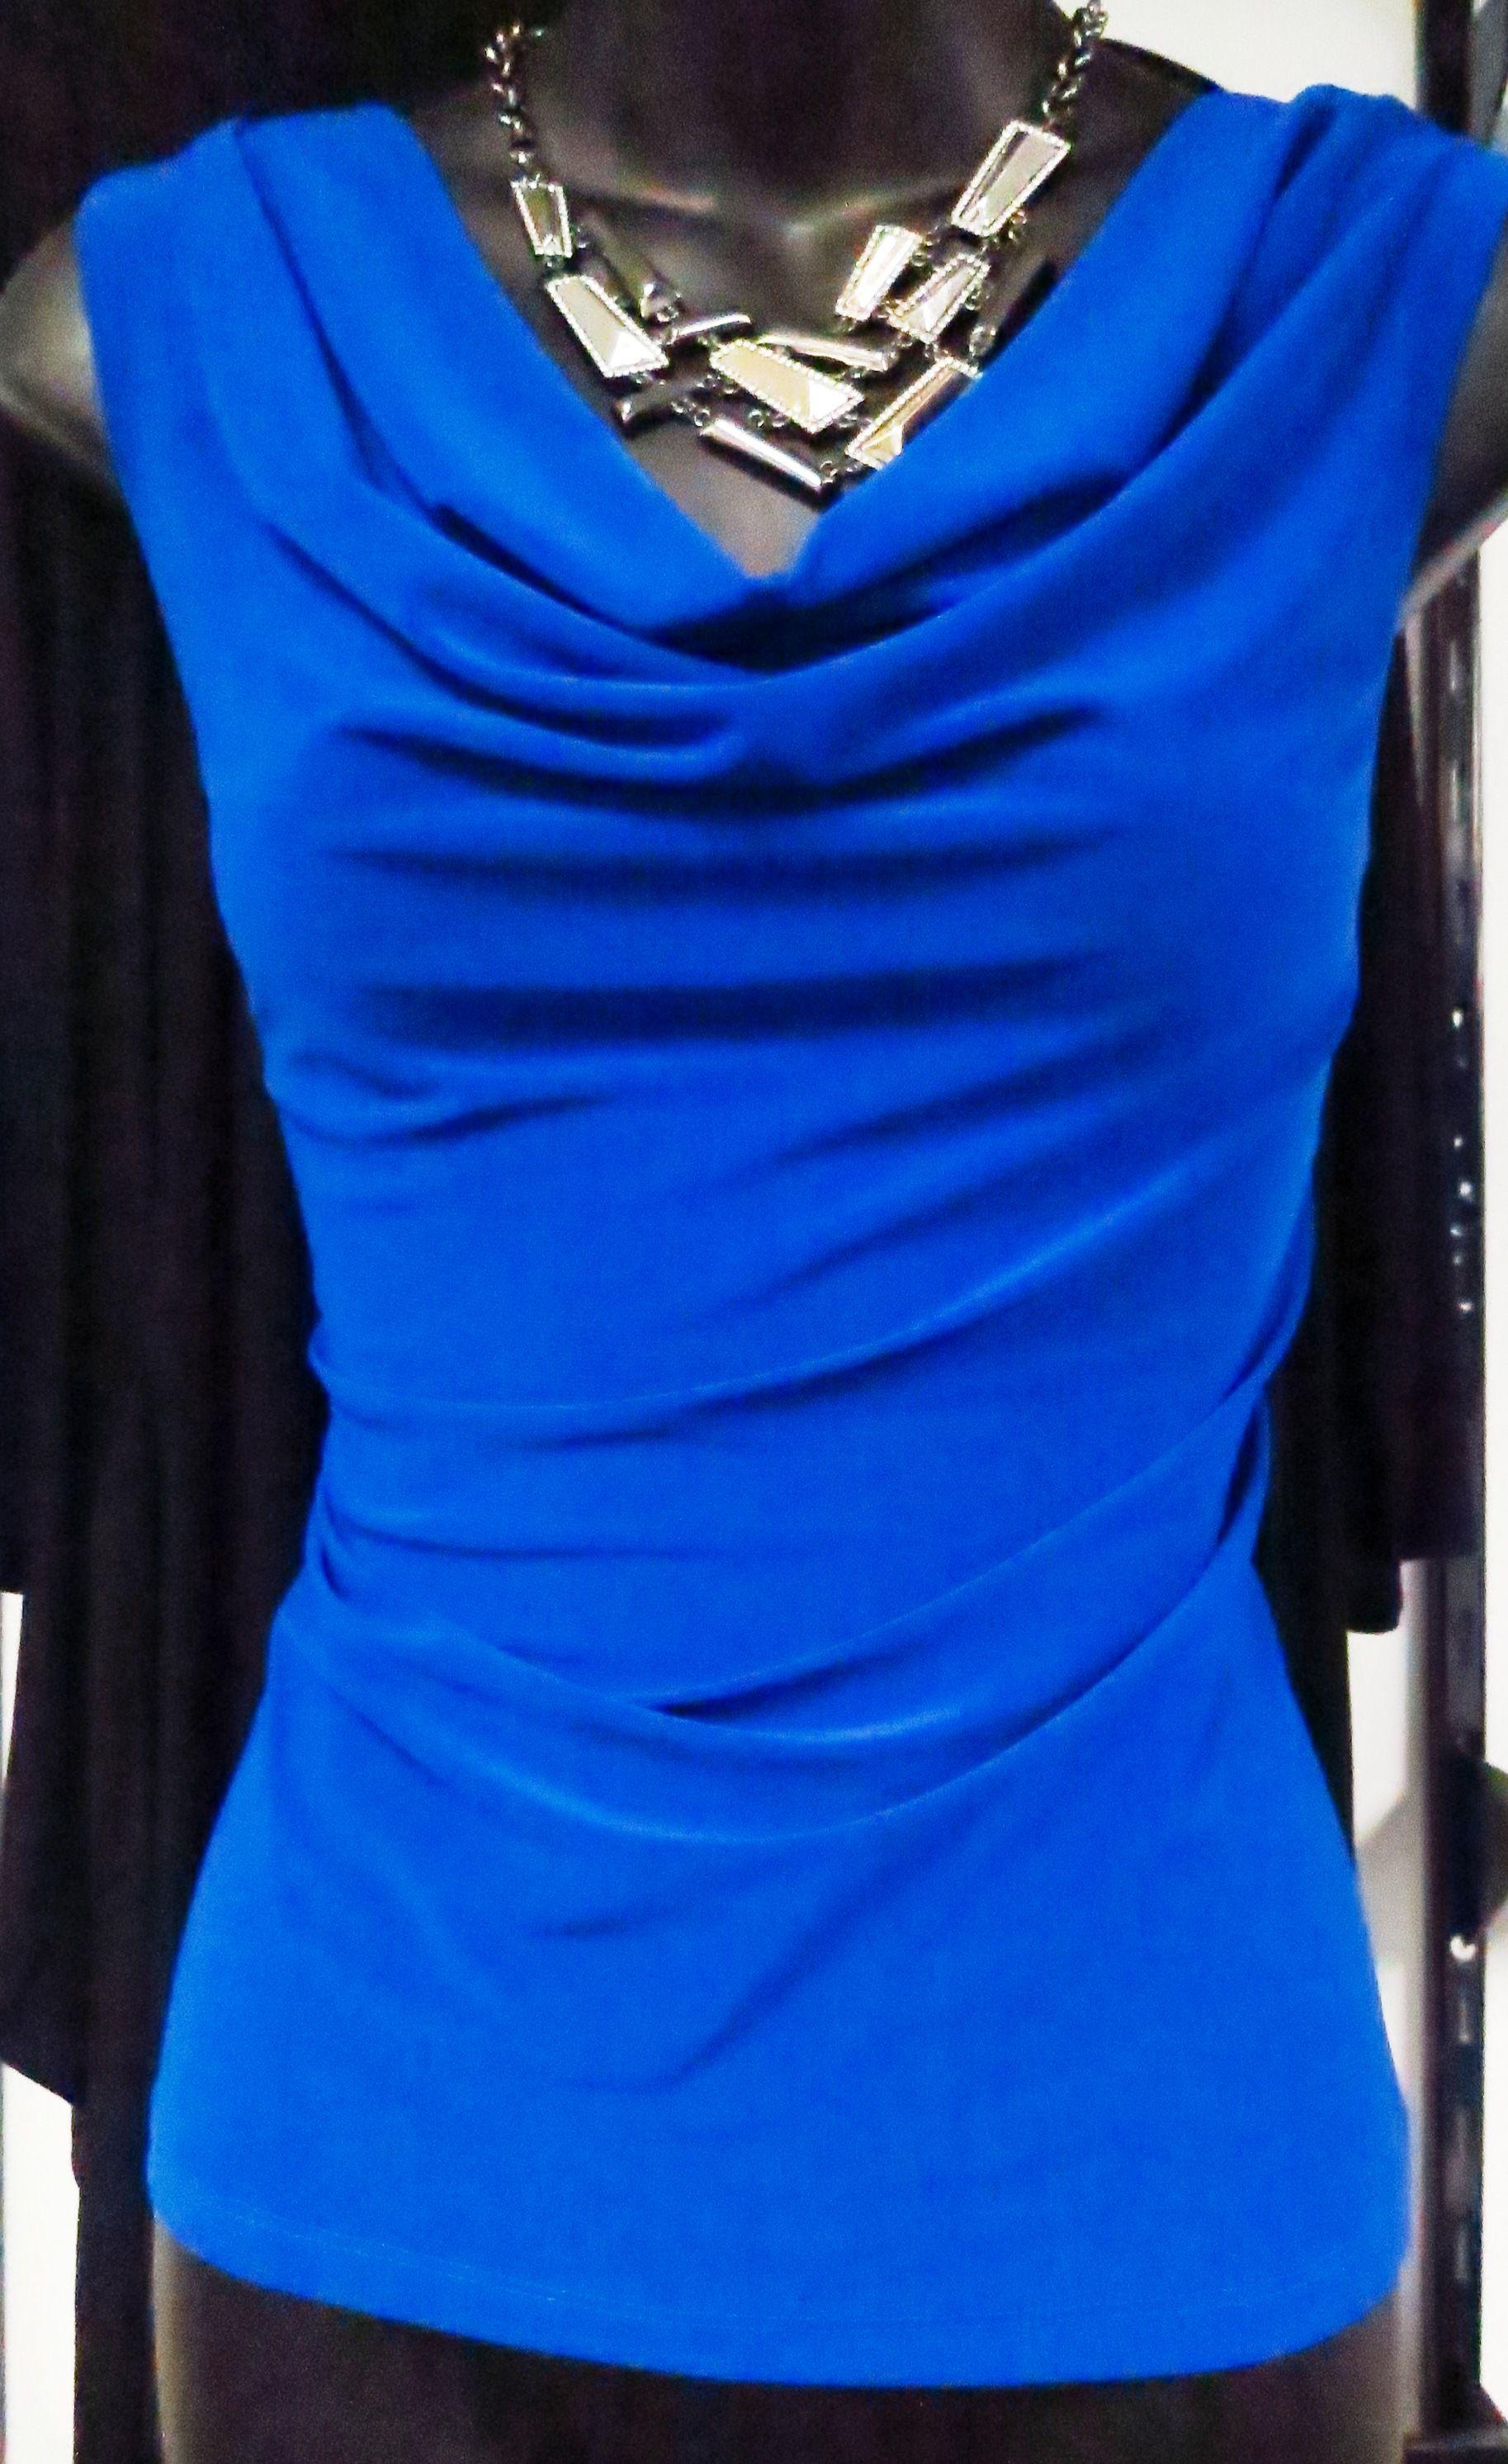 Libra blouse.